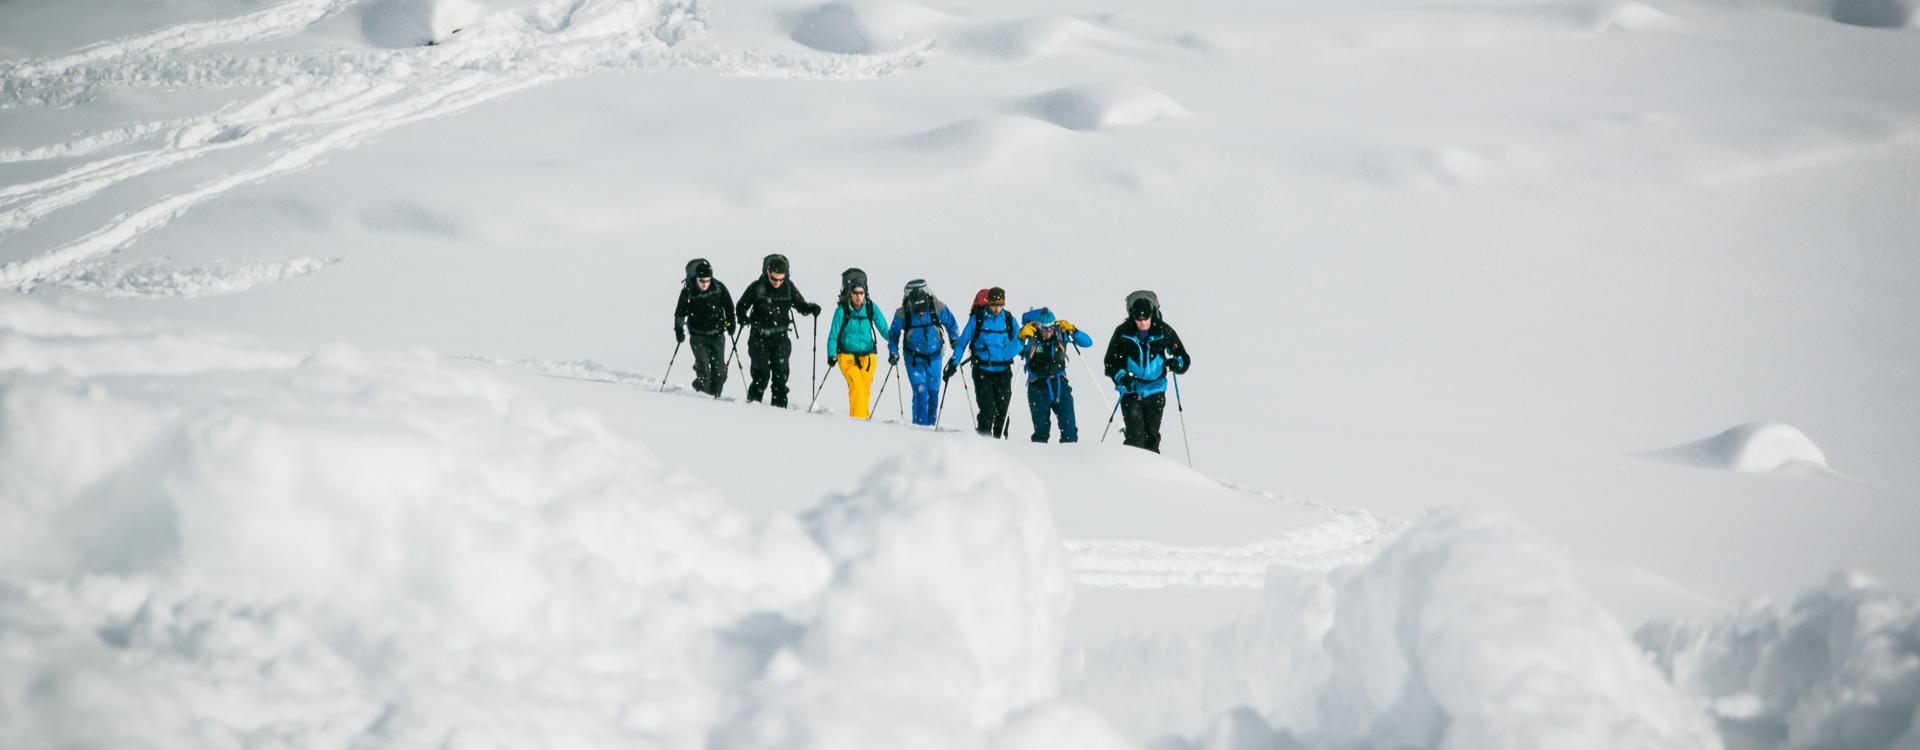 Schneeschuhwandern in der Silvretta